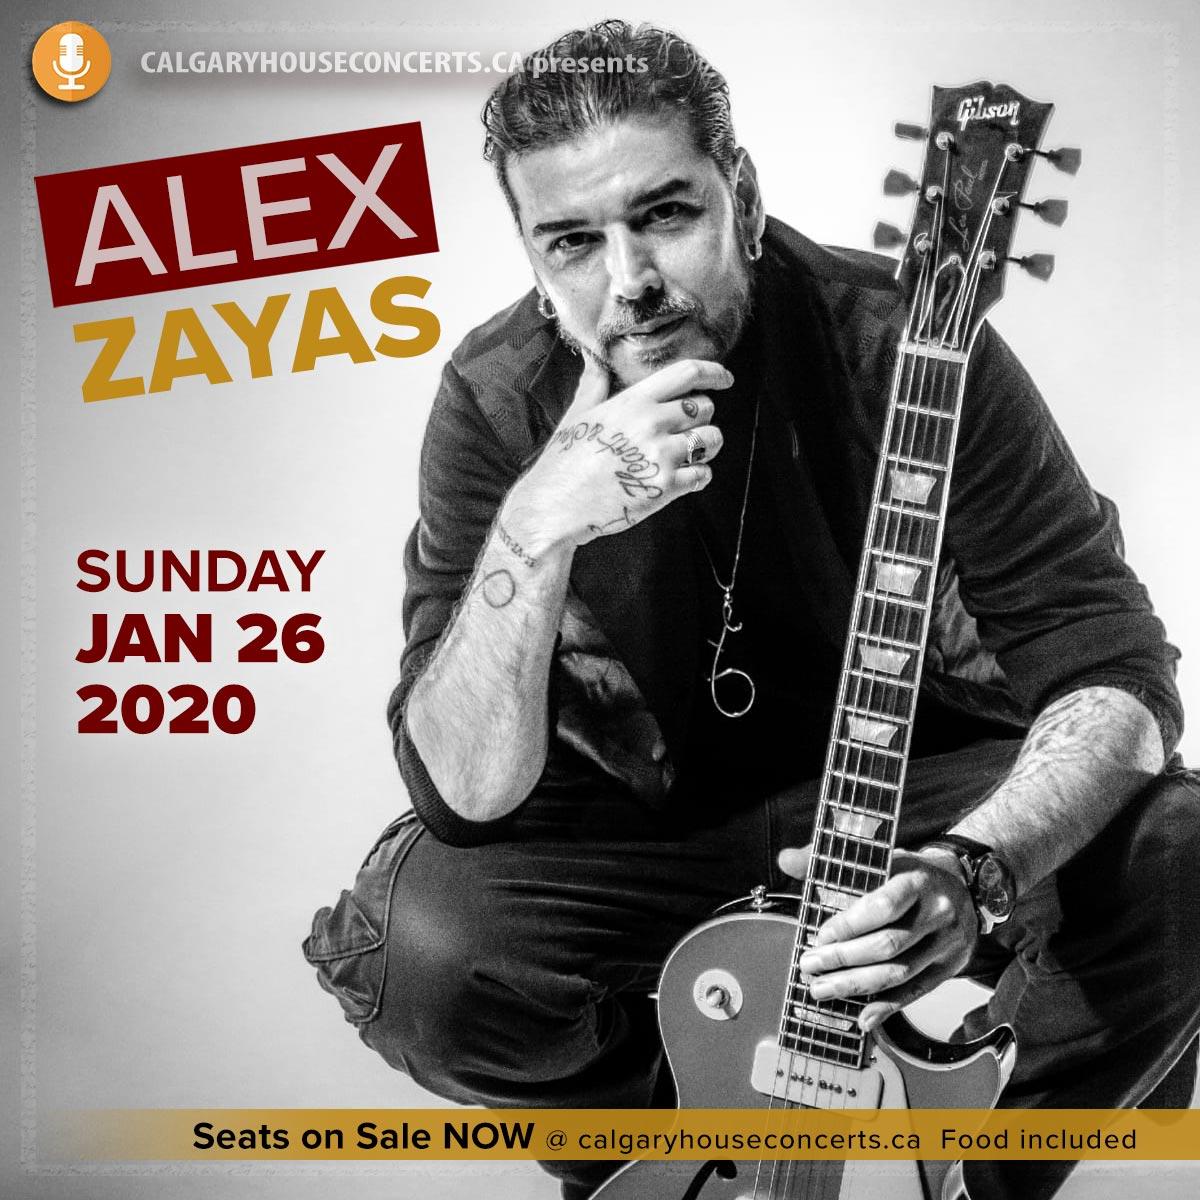 Alex Zayas Jan 26 2020